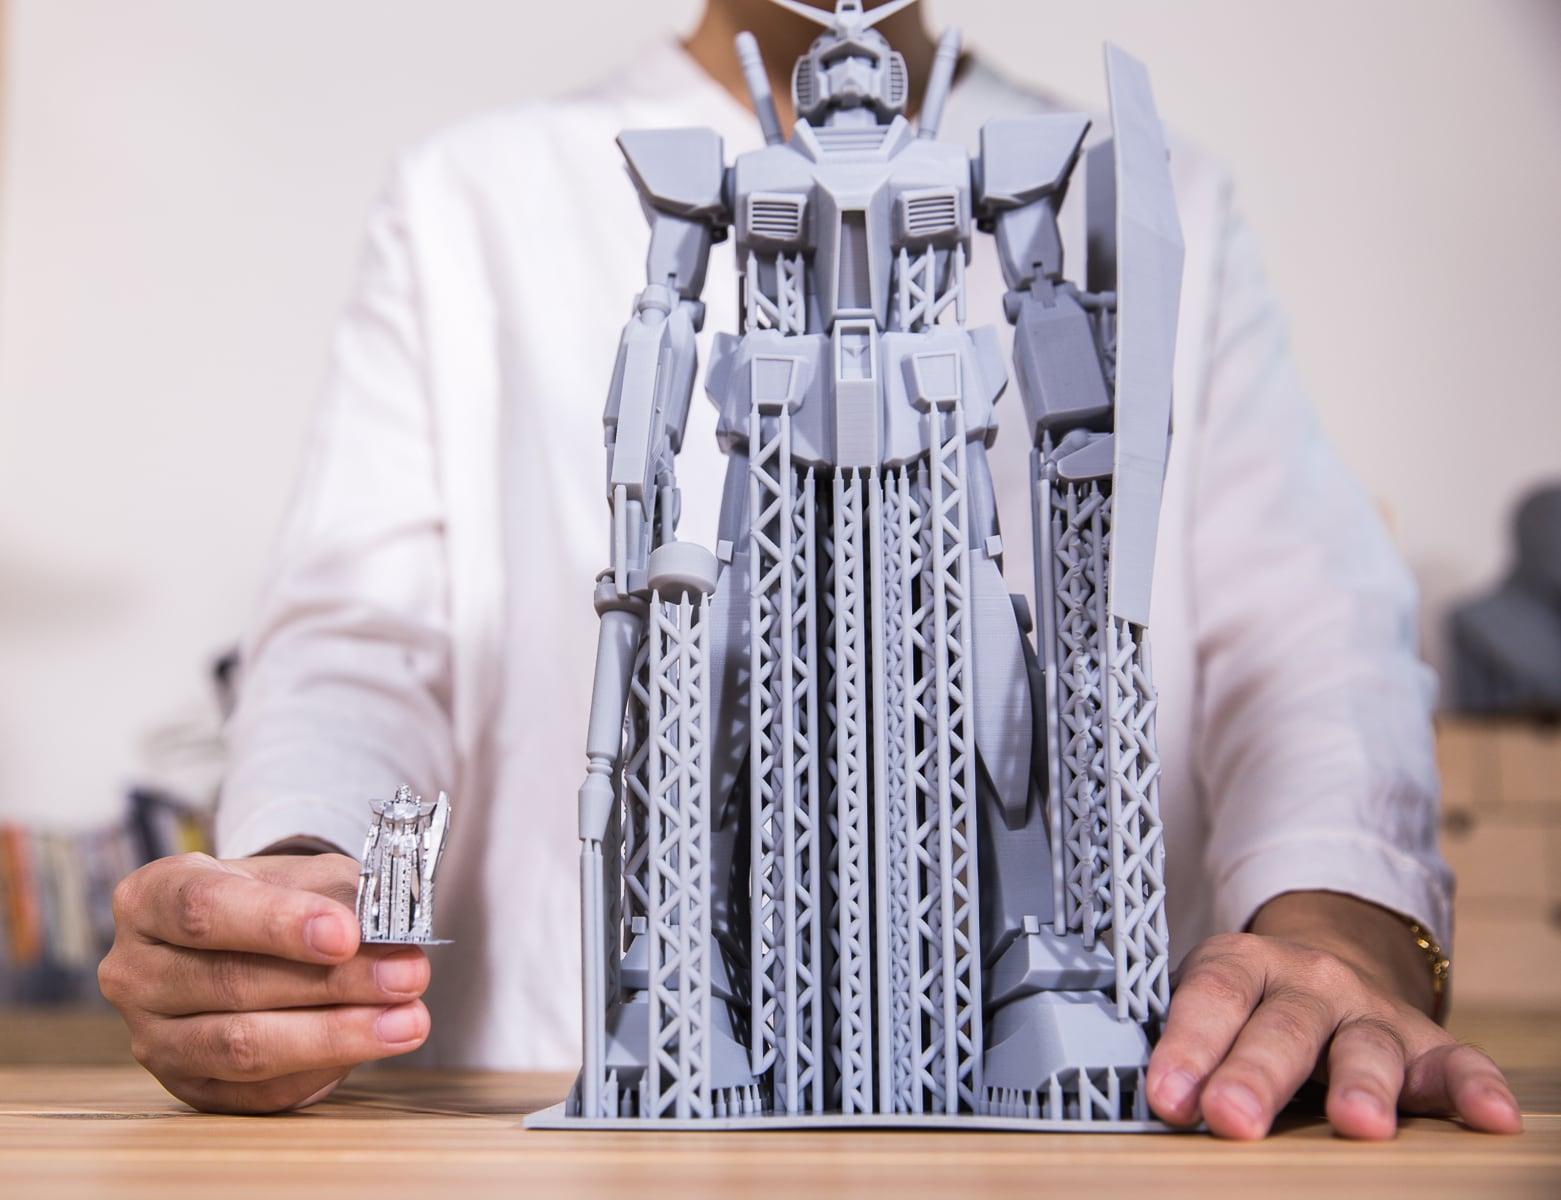 Phrozen Transform LCD 3D Printer